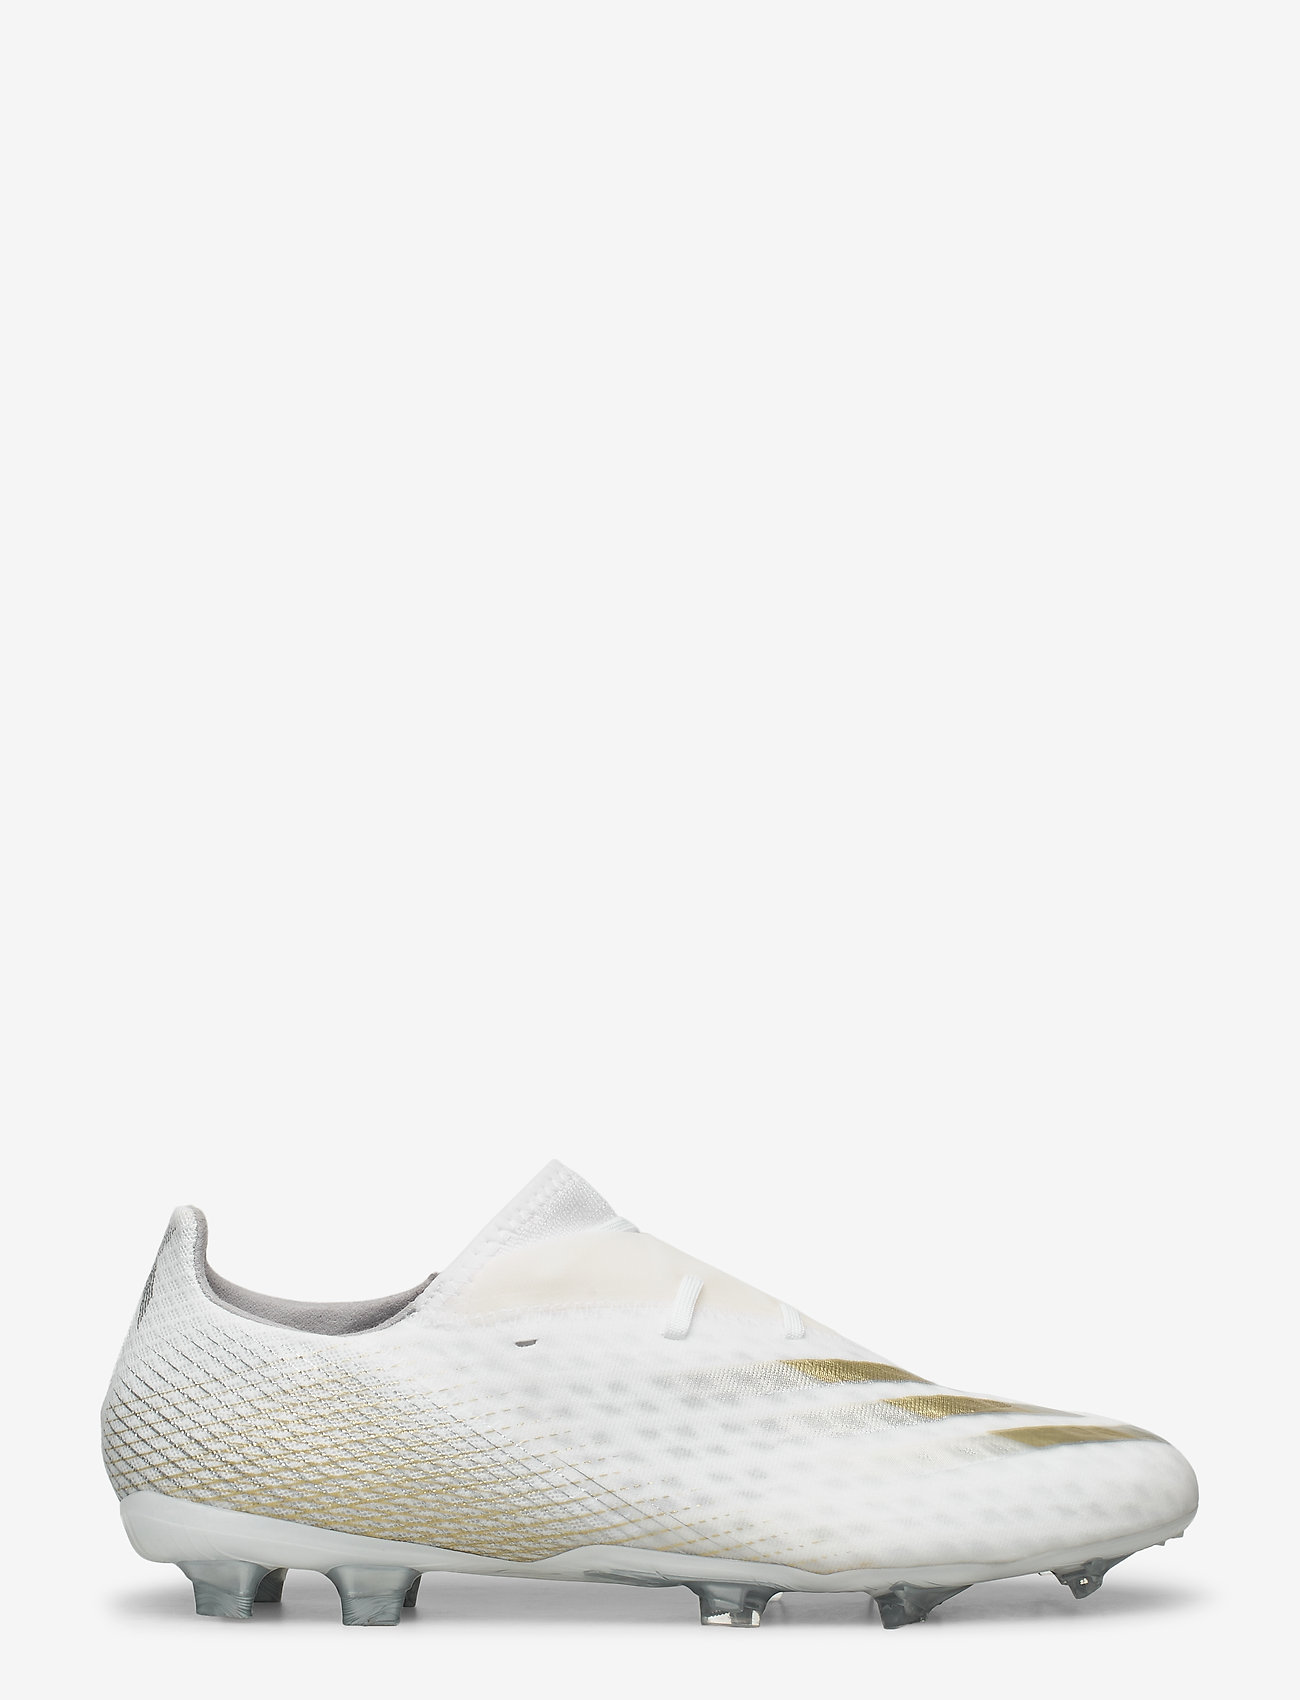 adidas Performance - X GHOSTED.2 FG - fodboldsko - ftwwht/metgol/cblack - 1